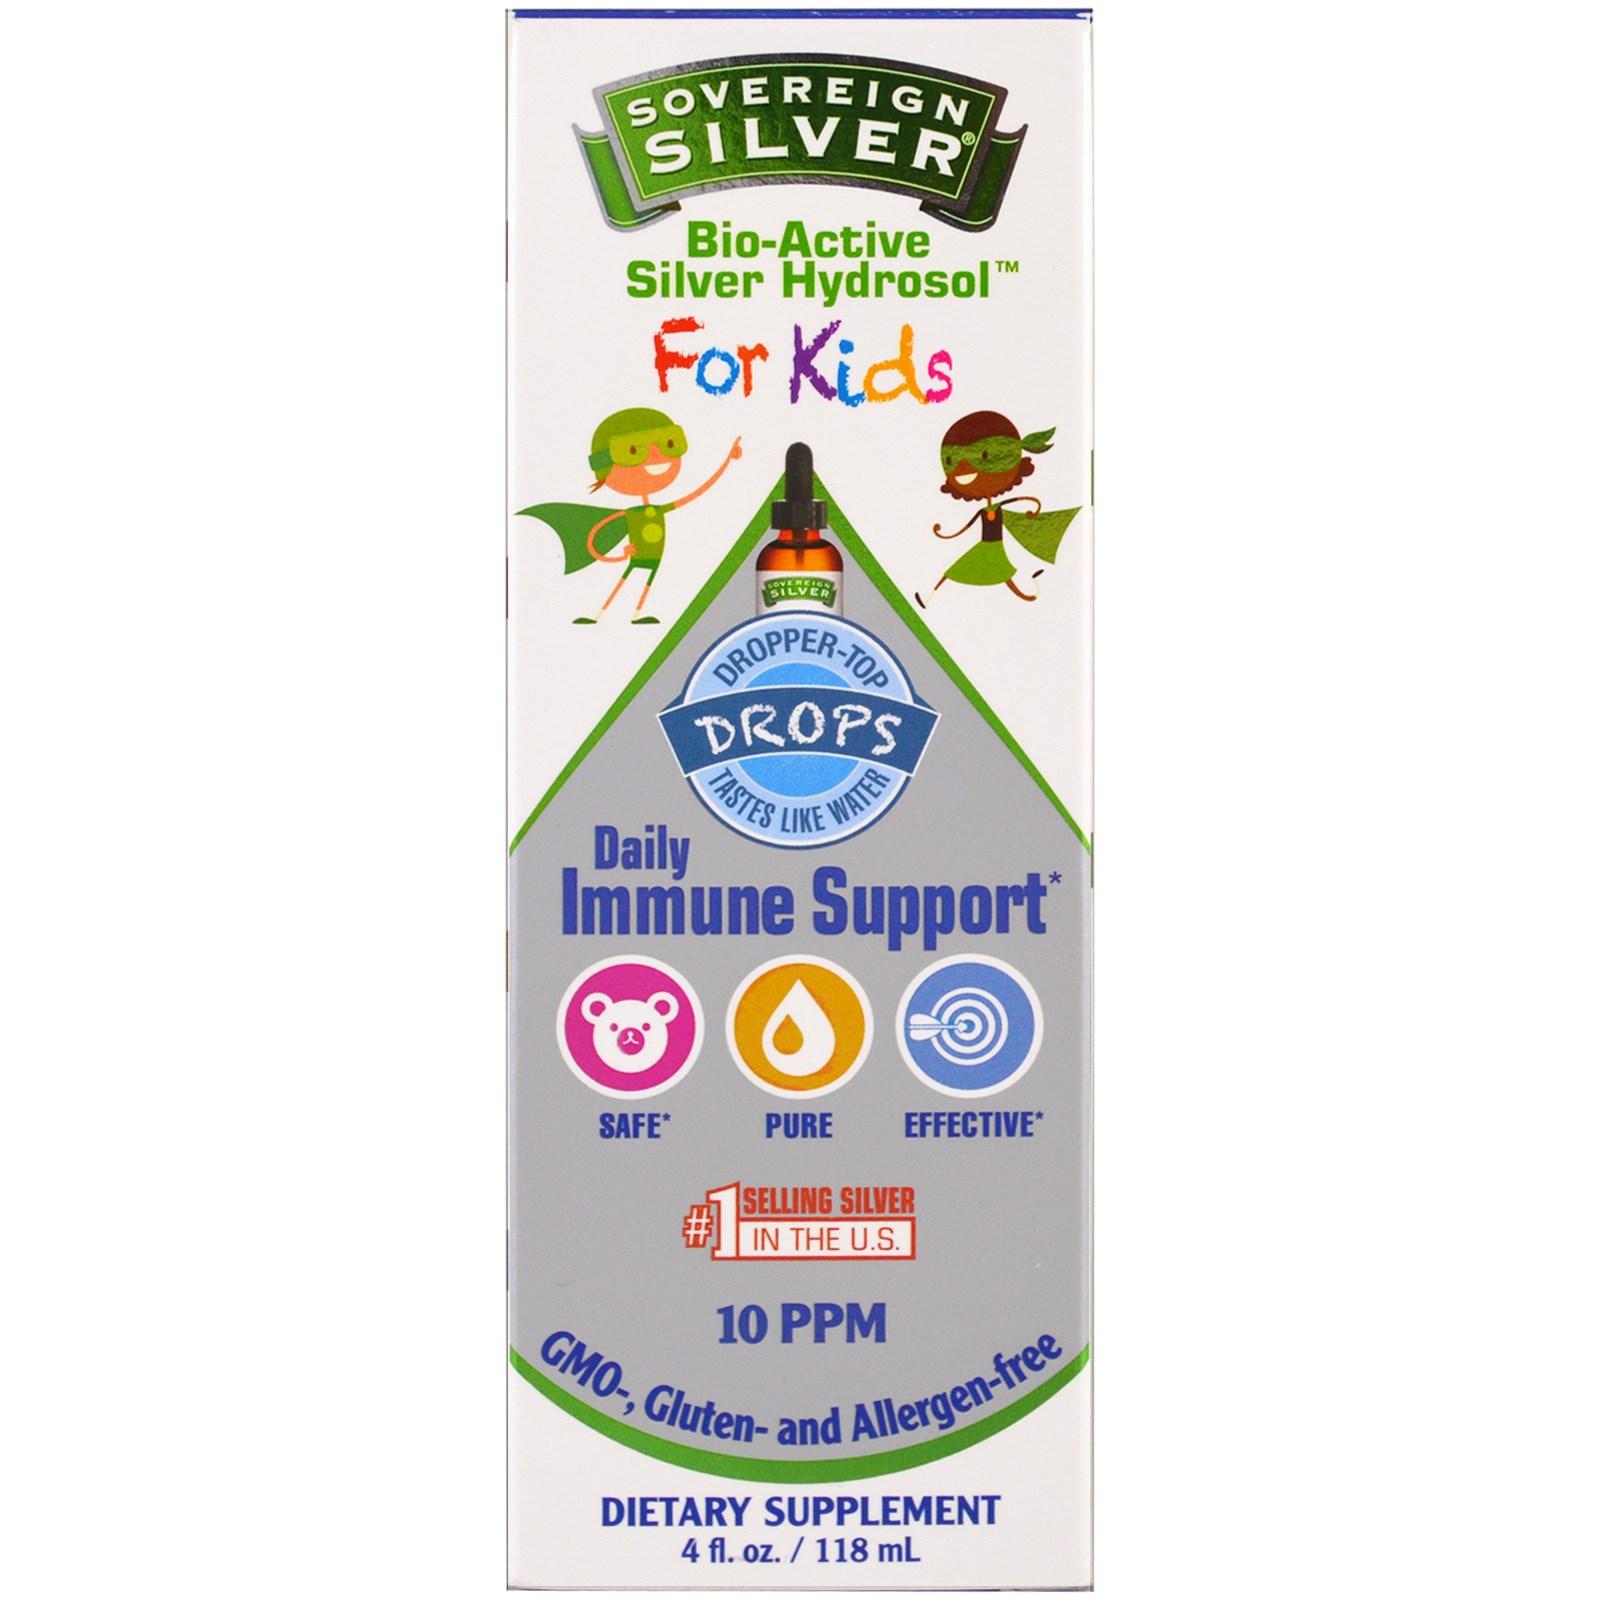 Sovereign Silver, Биоактивный серебряный гидрозоль для детей, капли для ежедневной поддержки иммунитета, 4 унции (118 мл)